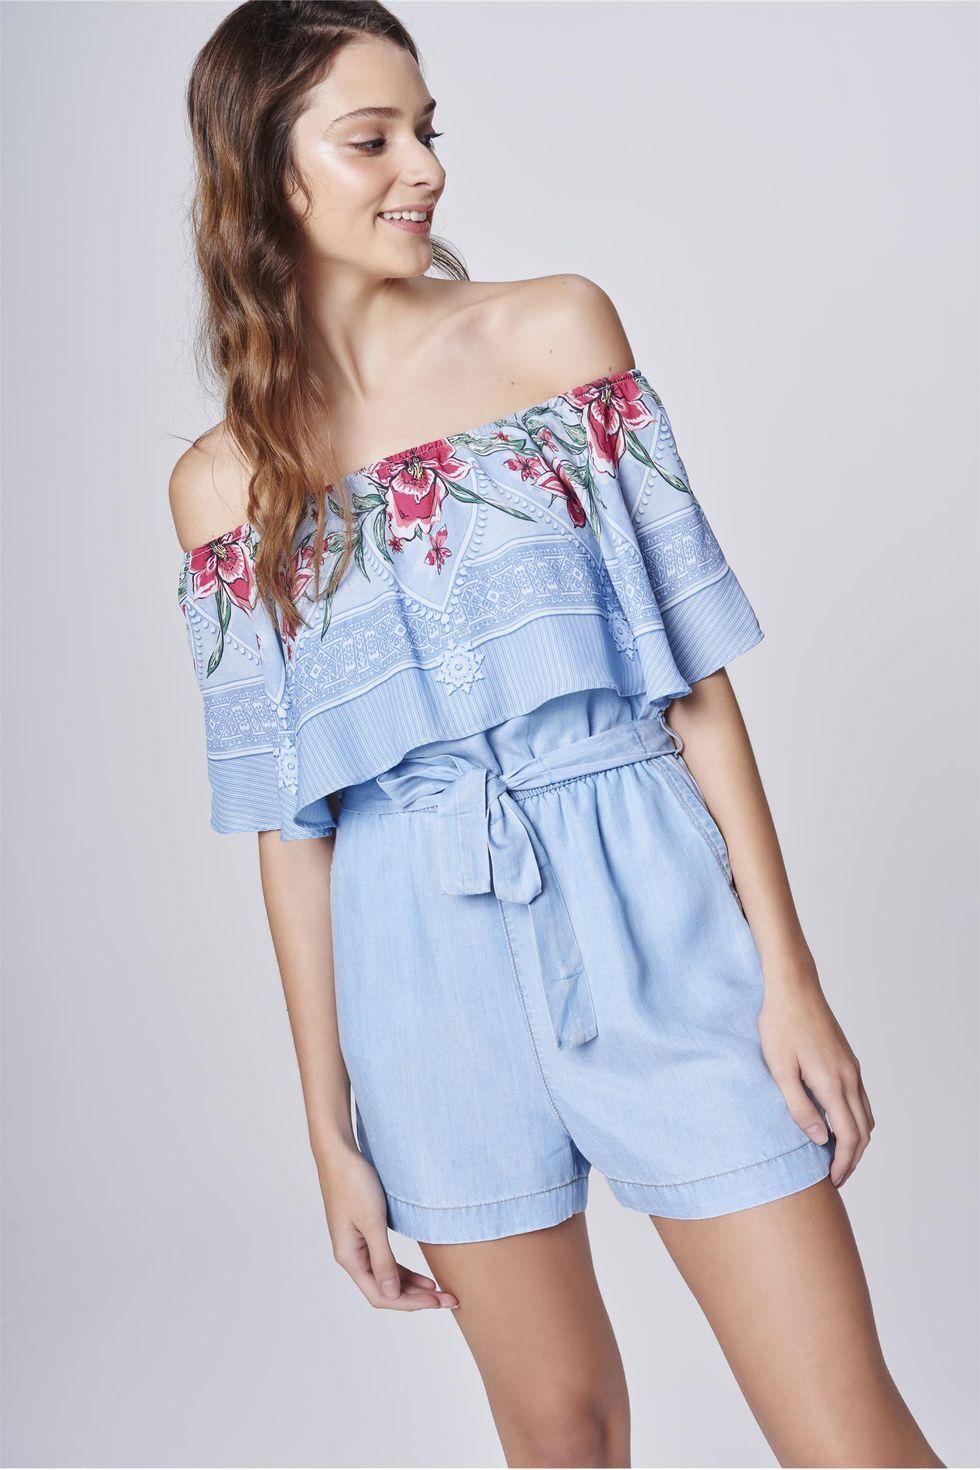 Macacao-Curto-Jeans-Estampado-Feminino-Frente--